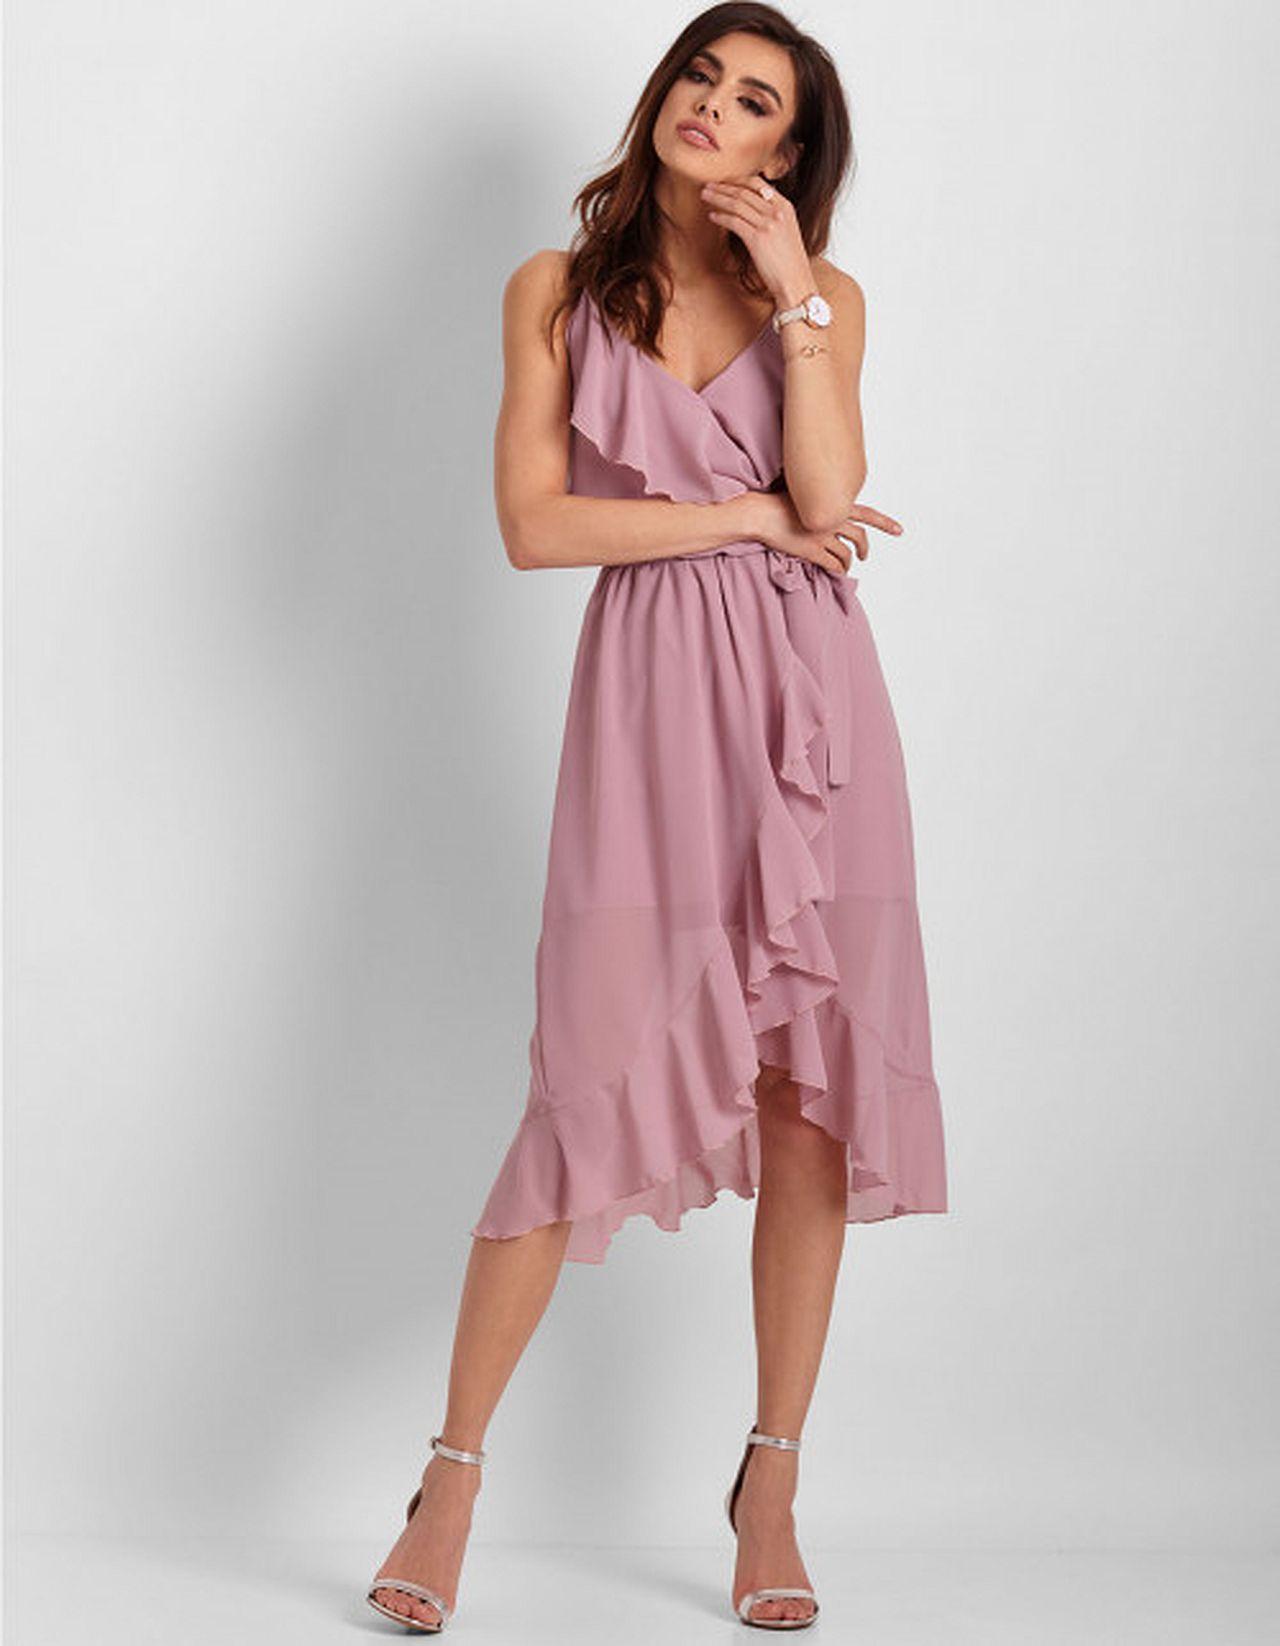 Sukienka Chantal, Showroom - 219 zł